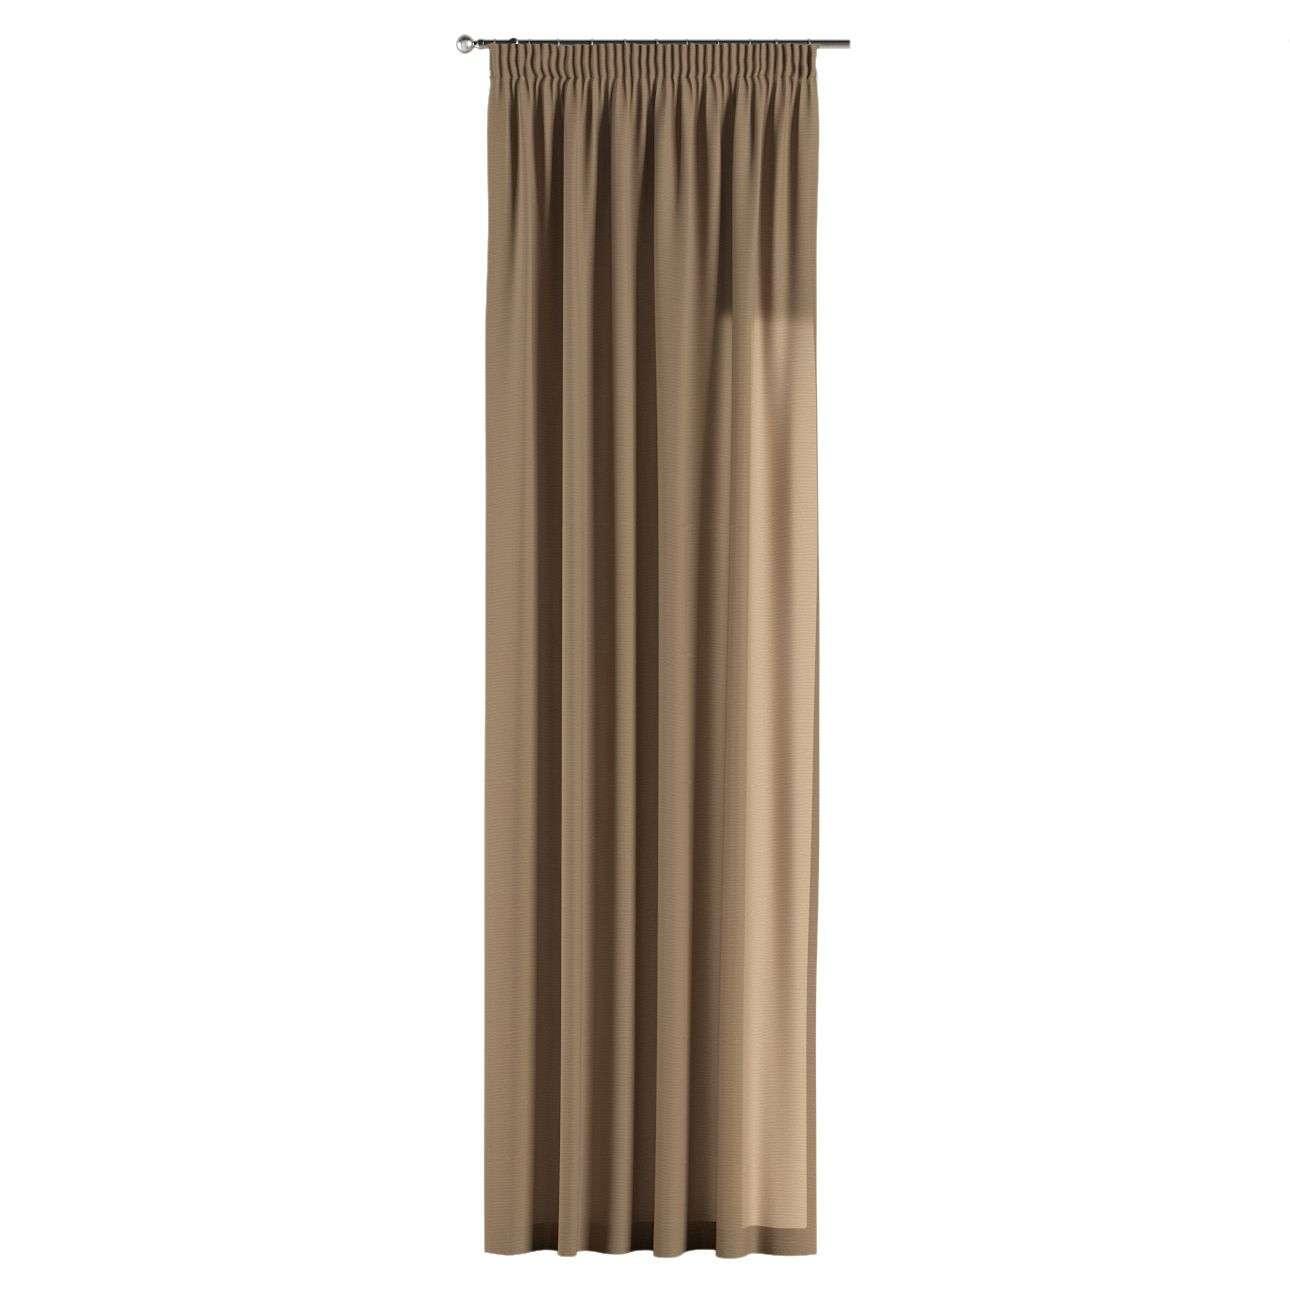 Vorhang mit Kräuselband von der Kollektion Quadro, Stoff: 136-09